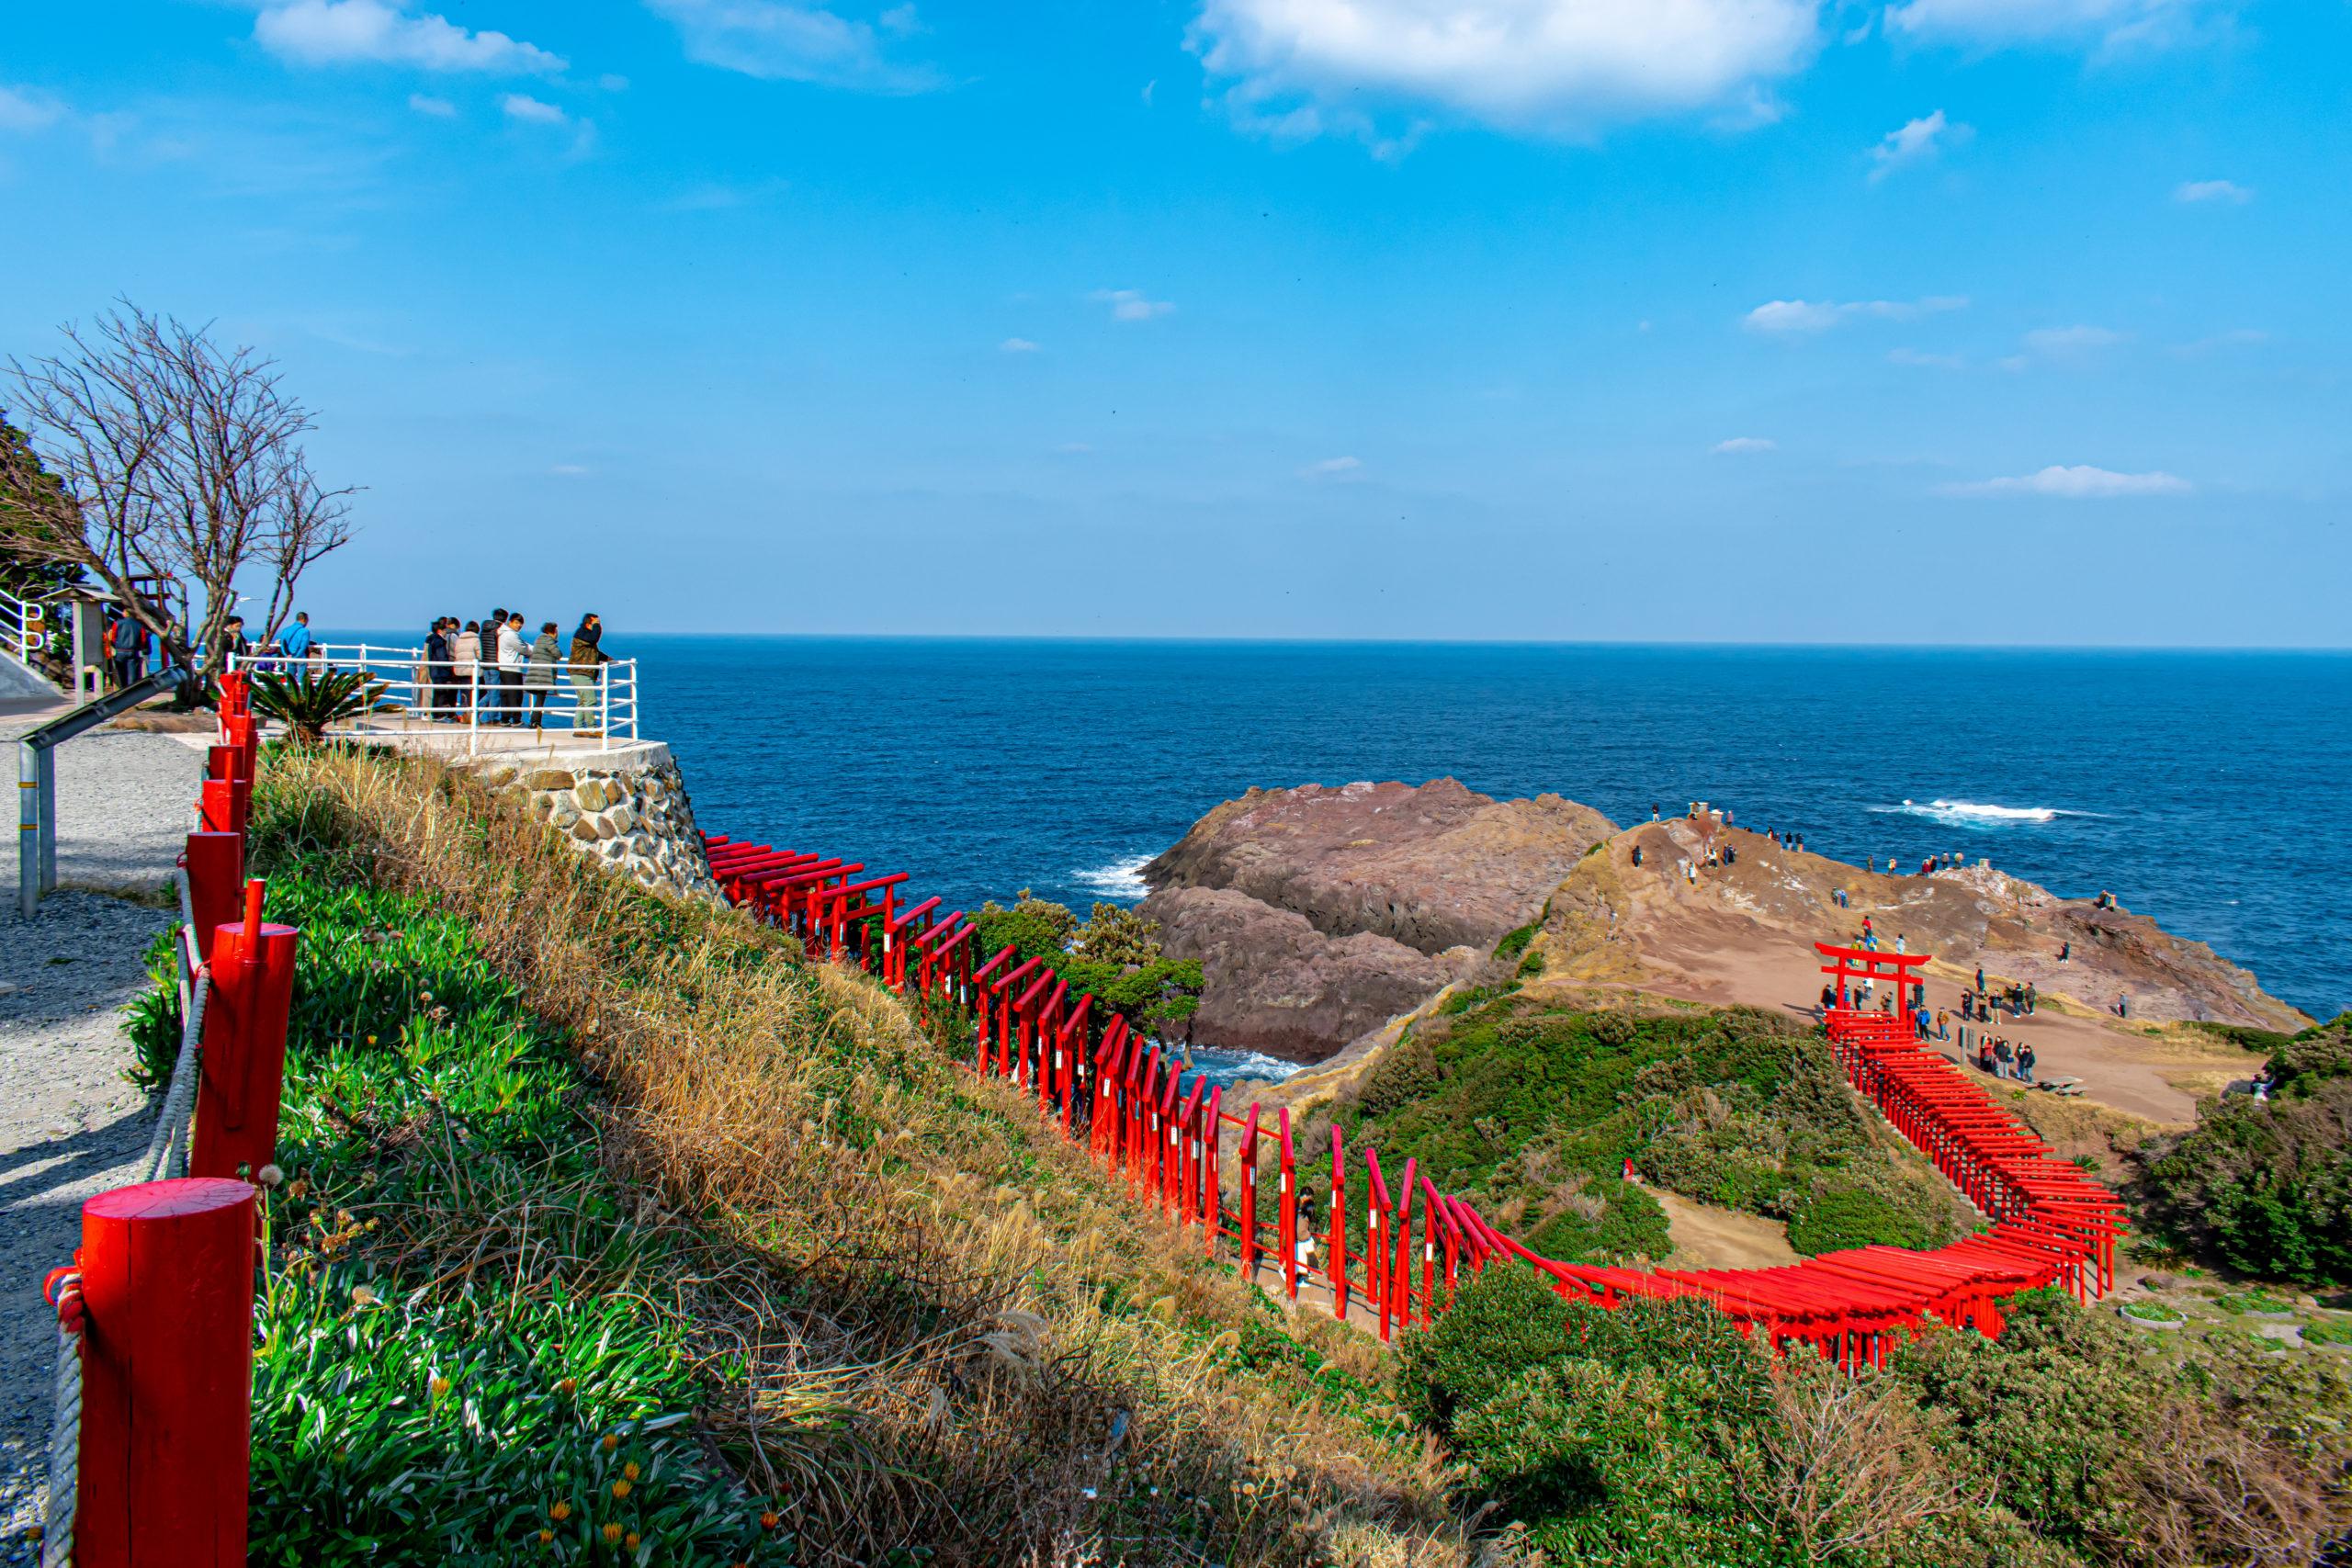 海へと繋がる絶景!山口県の元乃隅稲成神社への行き方